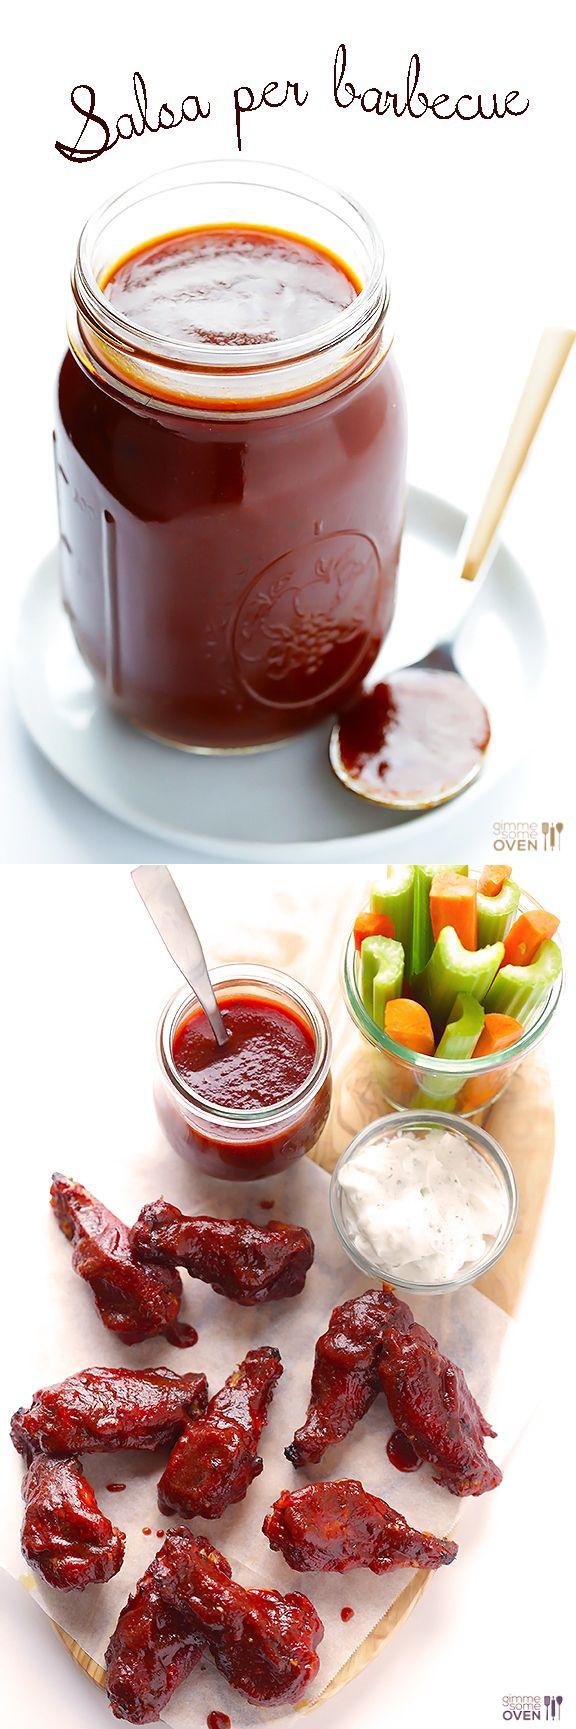 Tempo Di Preparazione: 5 minuti Tempo Di Cottura: 25 minuti Tempo Totale: 30 minuti Resa: circa 2 tazze Ingredienti  1 (15 once) può salsa di pomodoro 1/2 tazza di aceto di sidro di mele 1/3 di tazza di miele o nettare di agave Pasta 1/4 tazza di pomodoro 1/4 di tazza di melassa 3 cucchiai. Worcestershire 2 cucchiaini. fumo liquido * 1 cucchiaino. paprika affumicata 1 cucchiaino. aglio in polvere 1/2 cucchiaino. pepe nero appena macinato 1/2 cucchiaino. cipolla in polvere 1/2 cucchiaino…